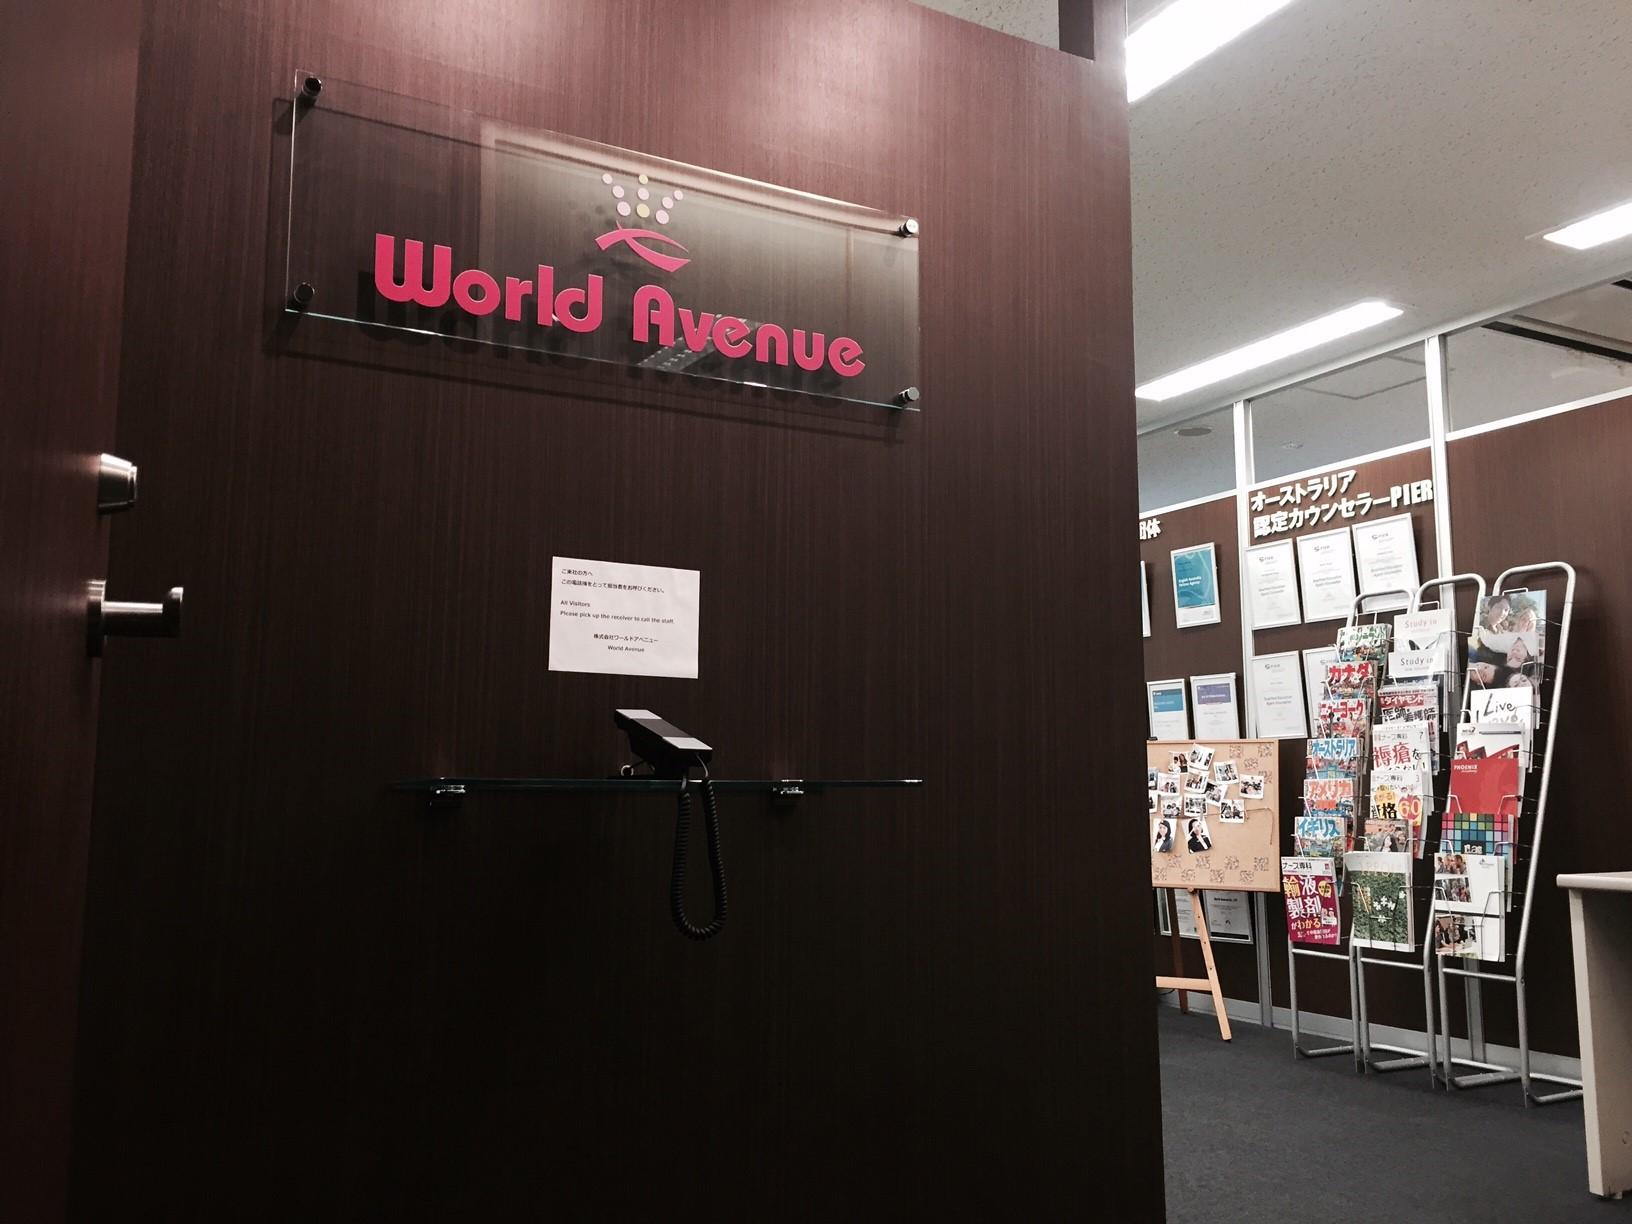 ワールドアベニュー東京オフィスへの案内6